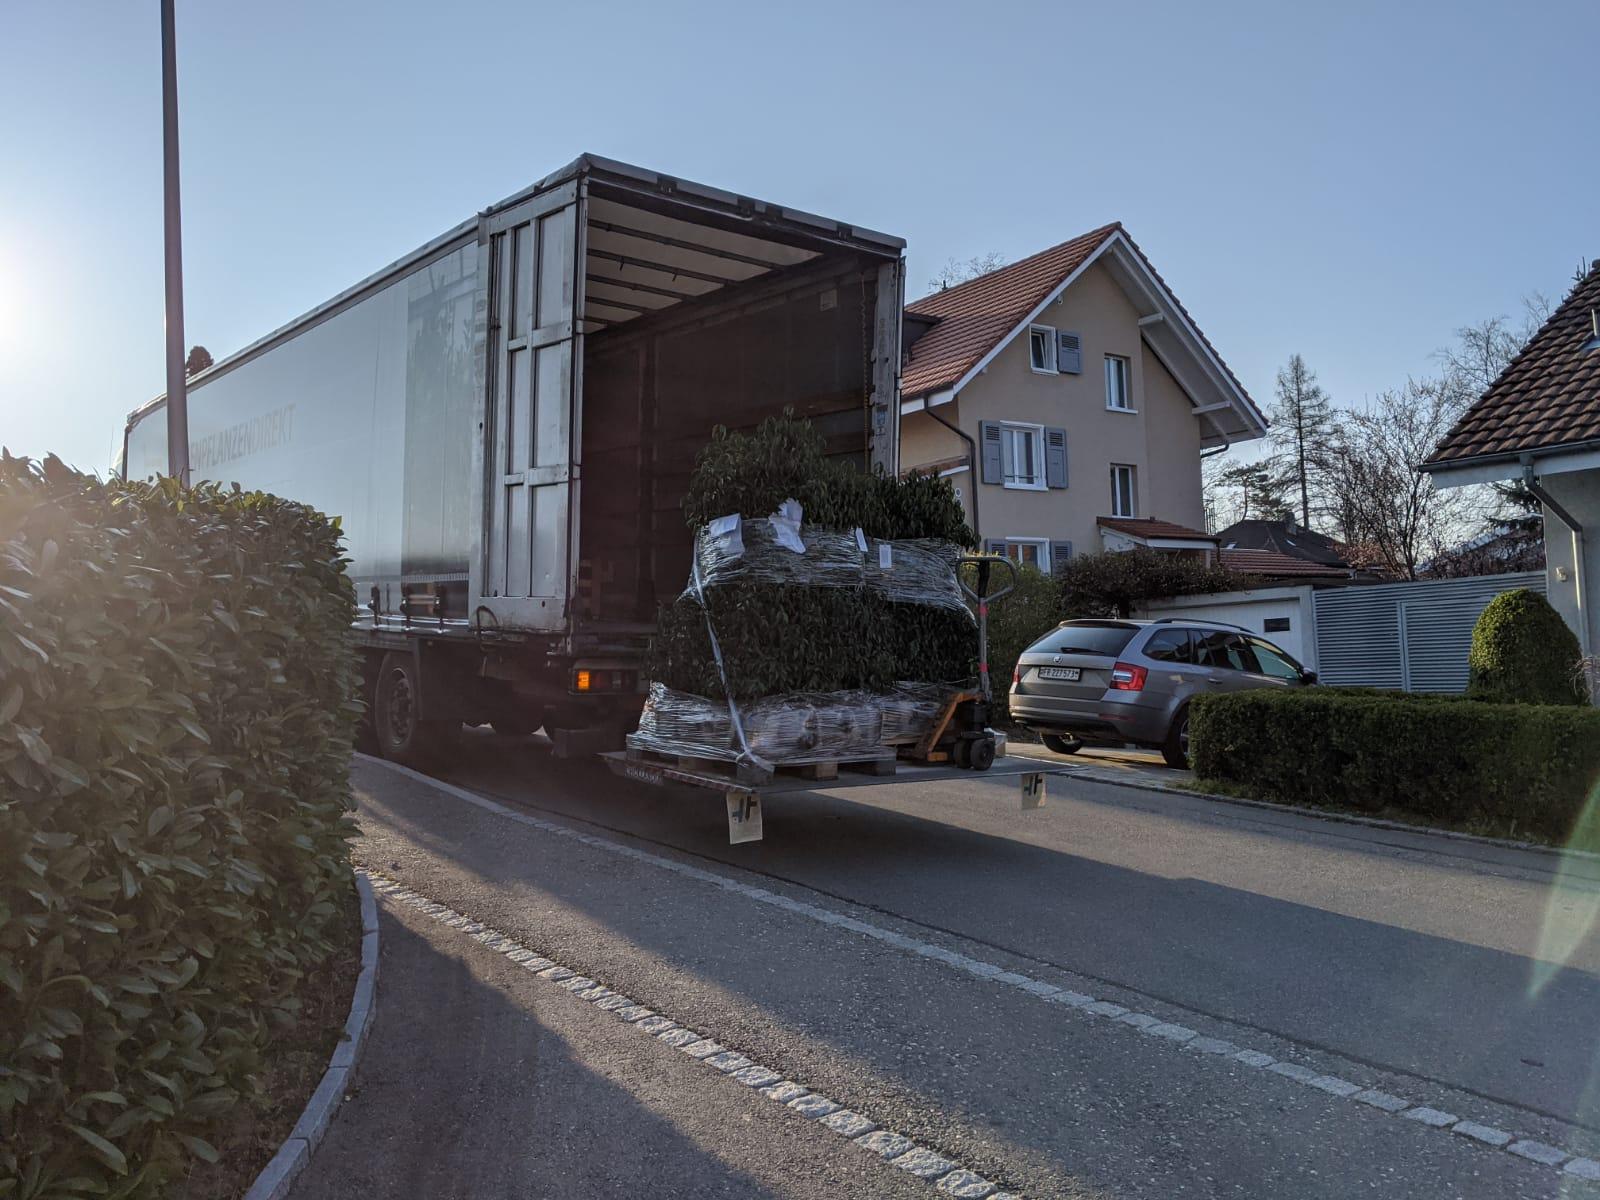 Remon-Gerritsen-Hendrik-Jan-de-tuinman-op-weg-naar-tevreden-klant-27-3-2020--10